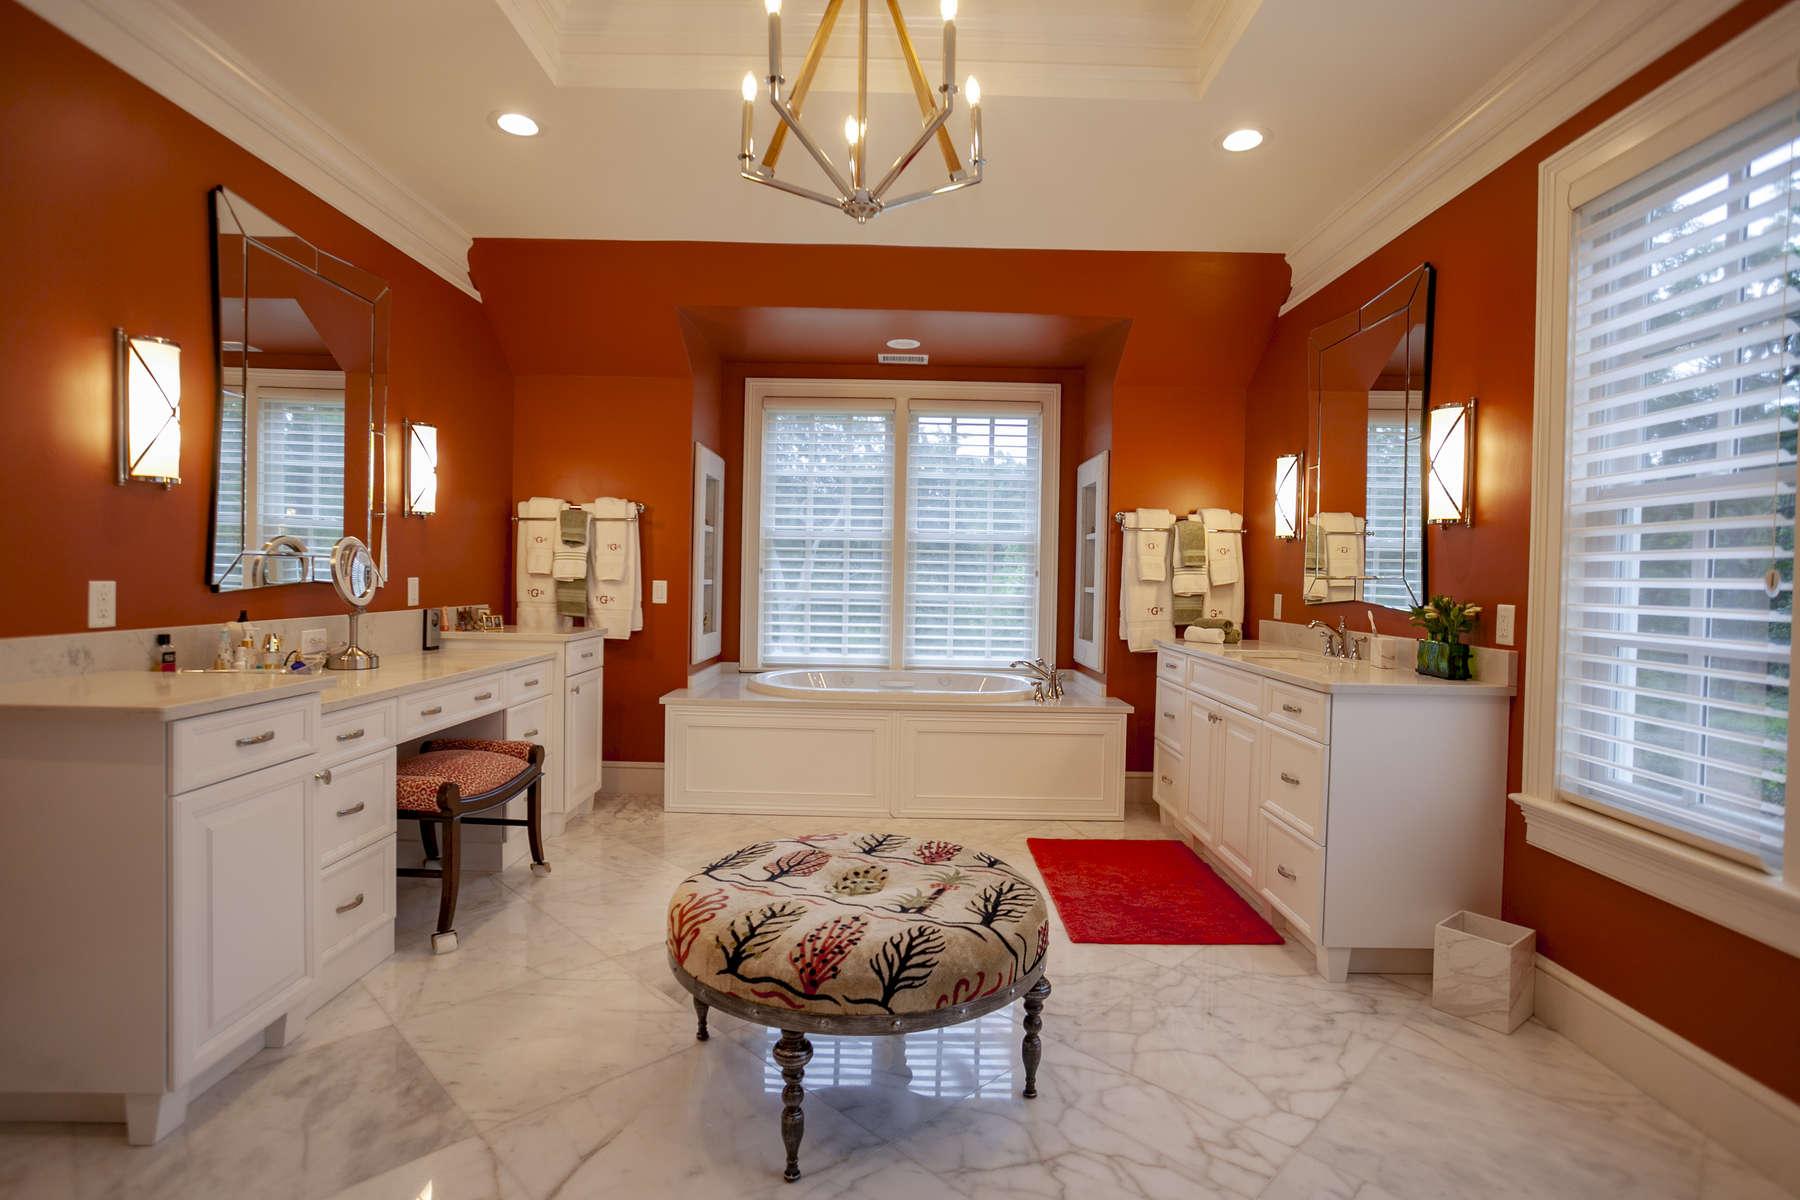 Colleton-River-After-Master-Hers-Bathroom